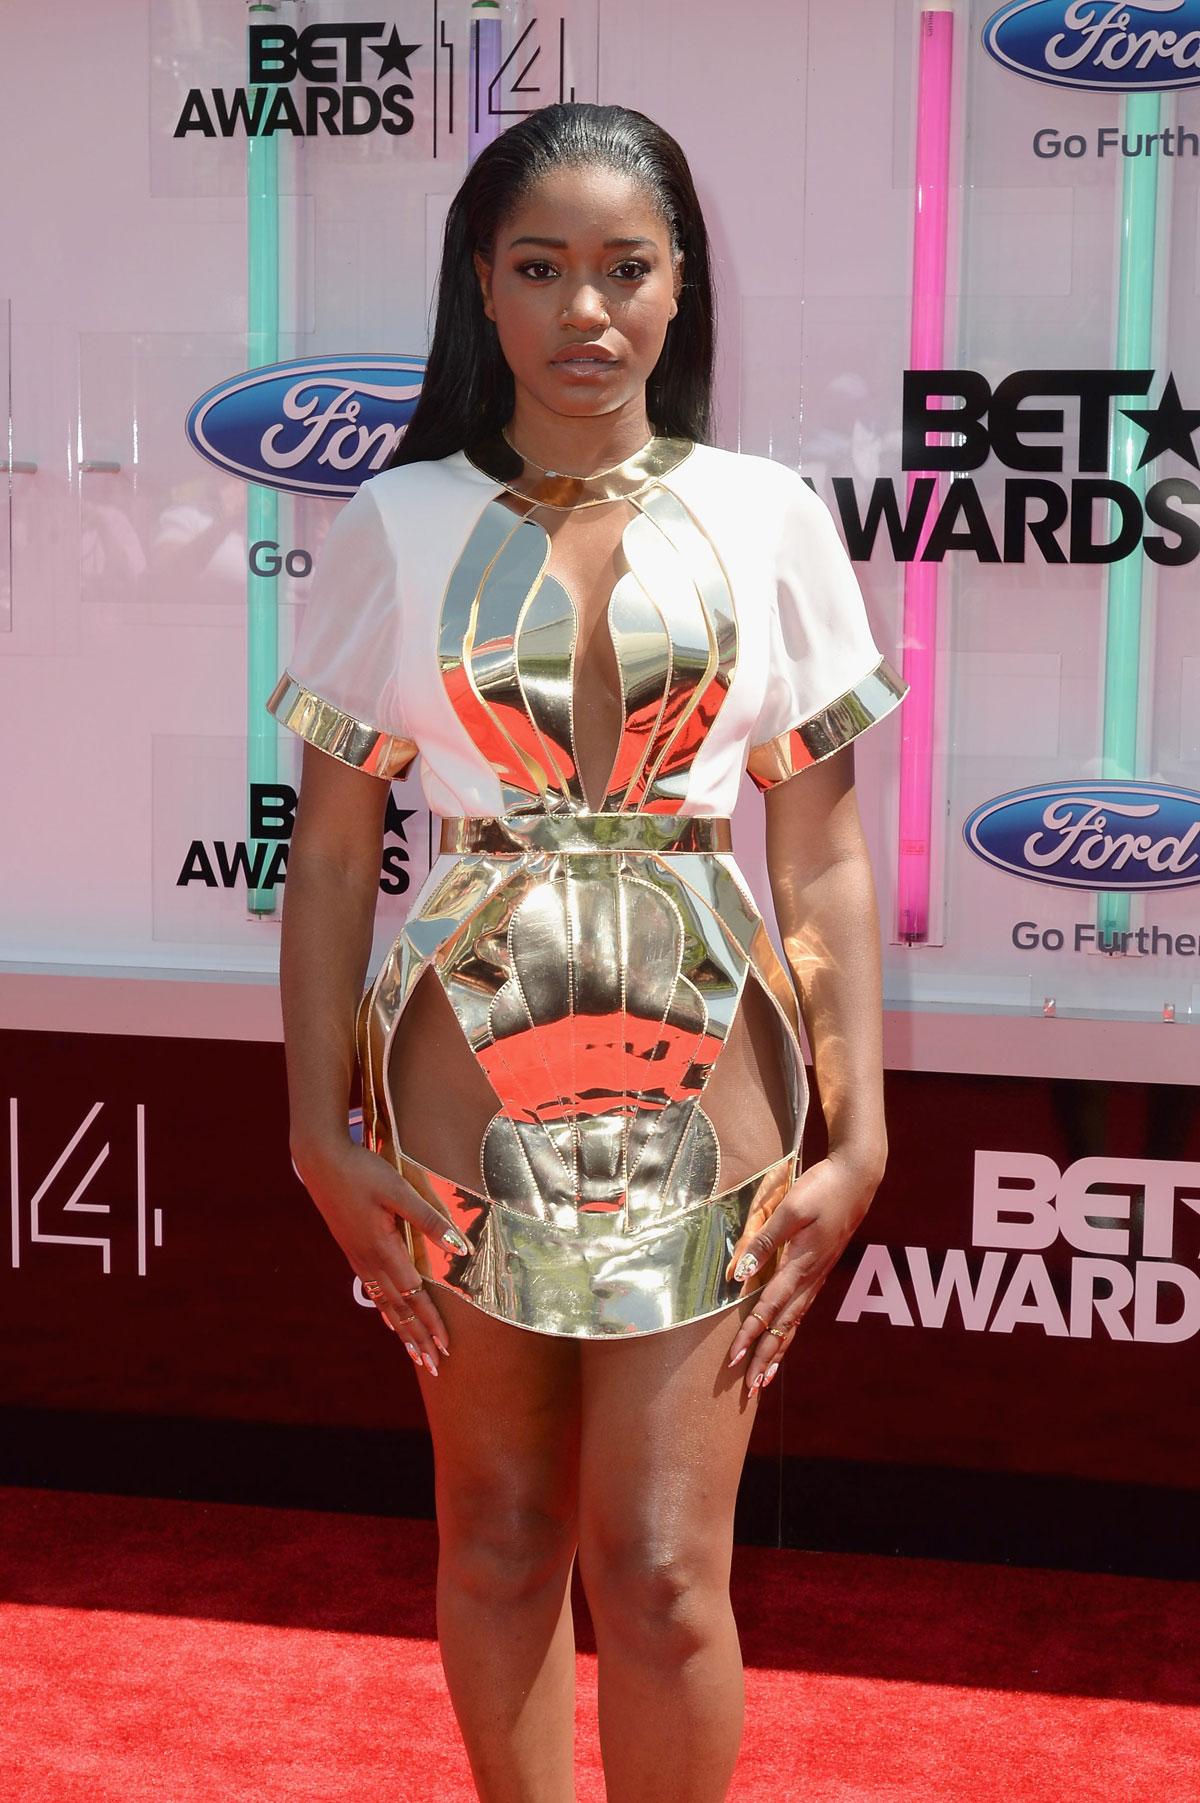 Keke Palmer at the 2014 BET Awards